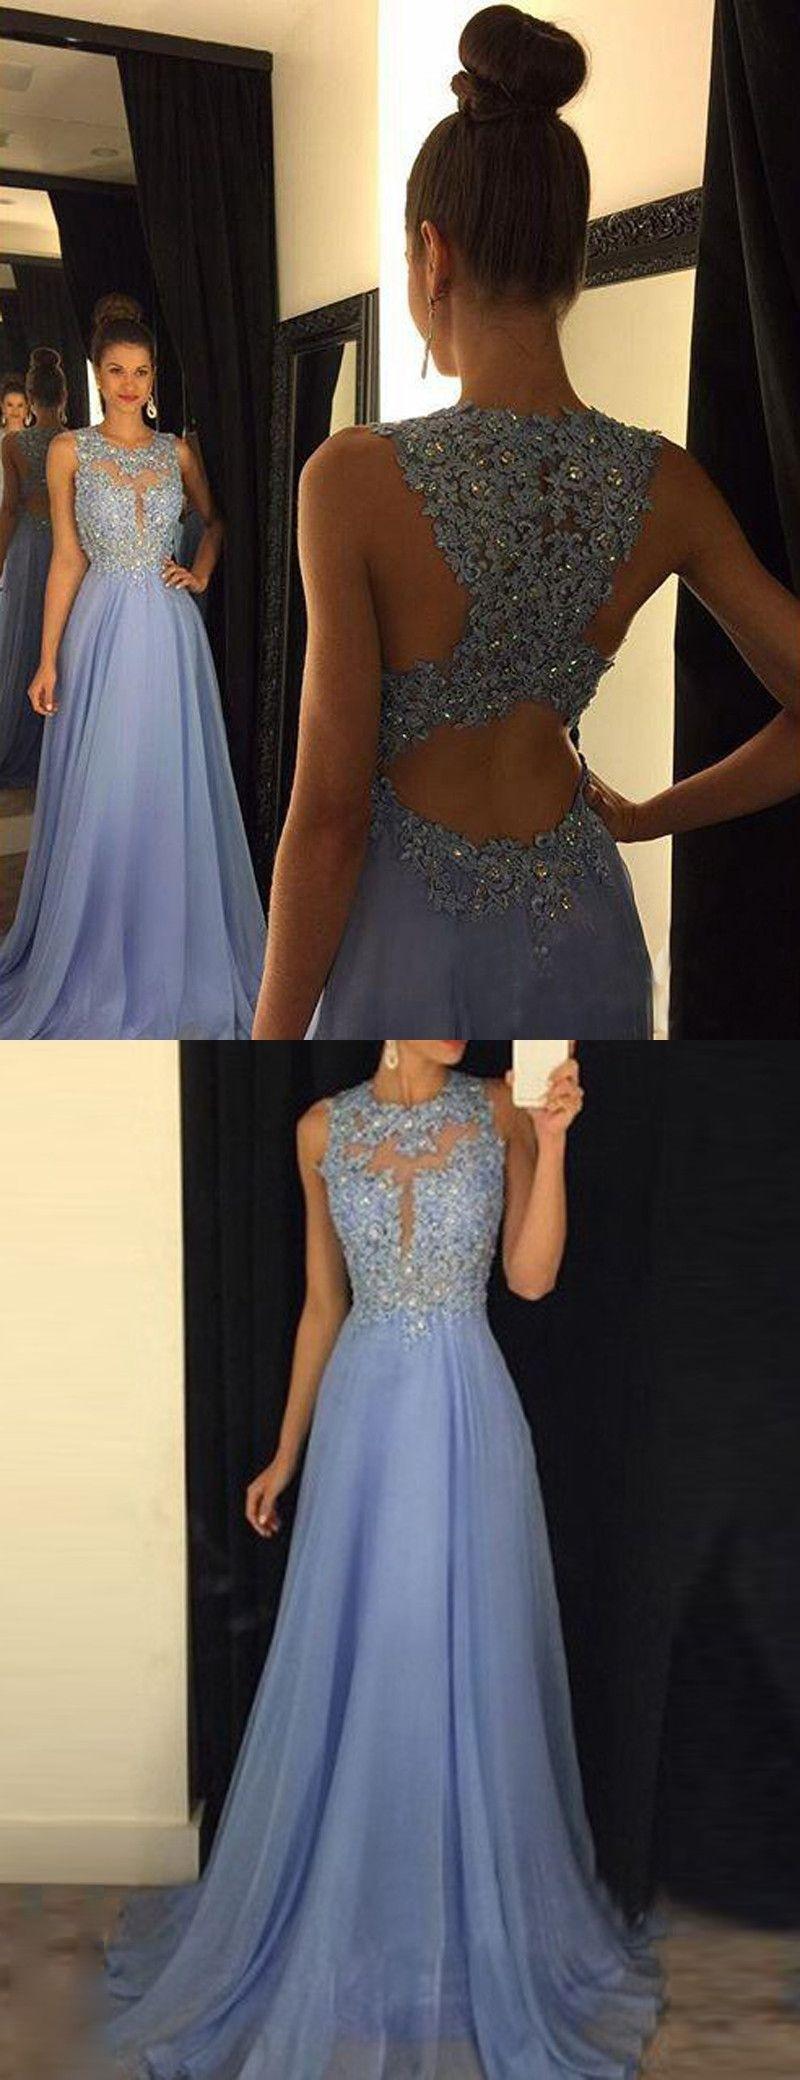 13 Einfach Abendkleid Mit Spitze Lang Boutique20 Coolste Abendkleid Mit Spitze Lang Galerie